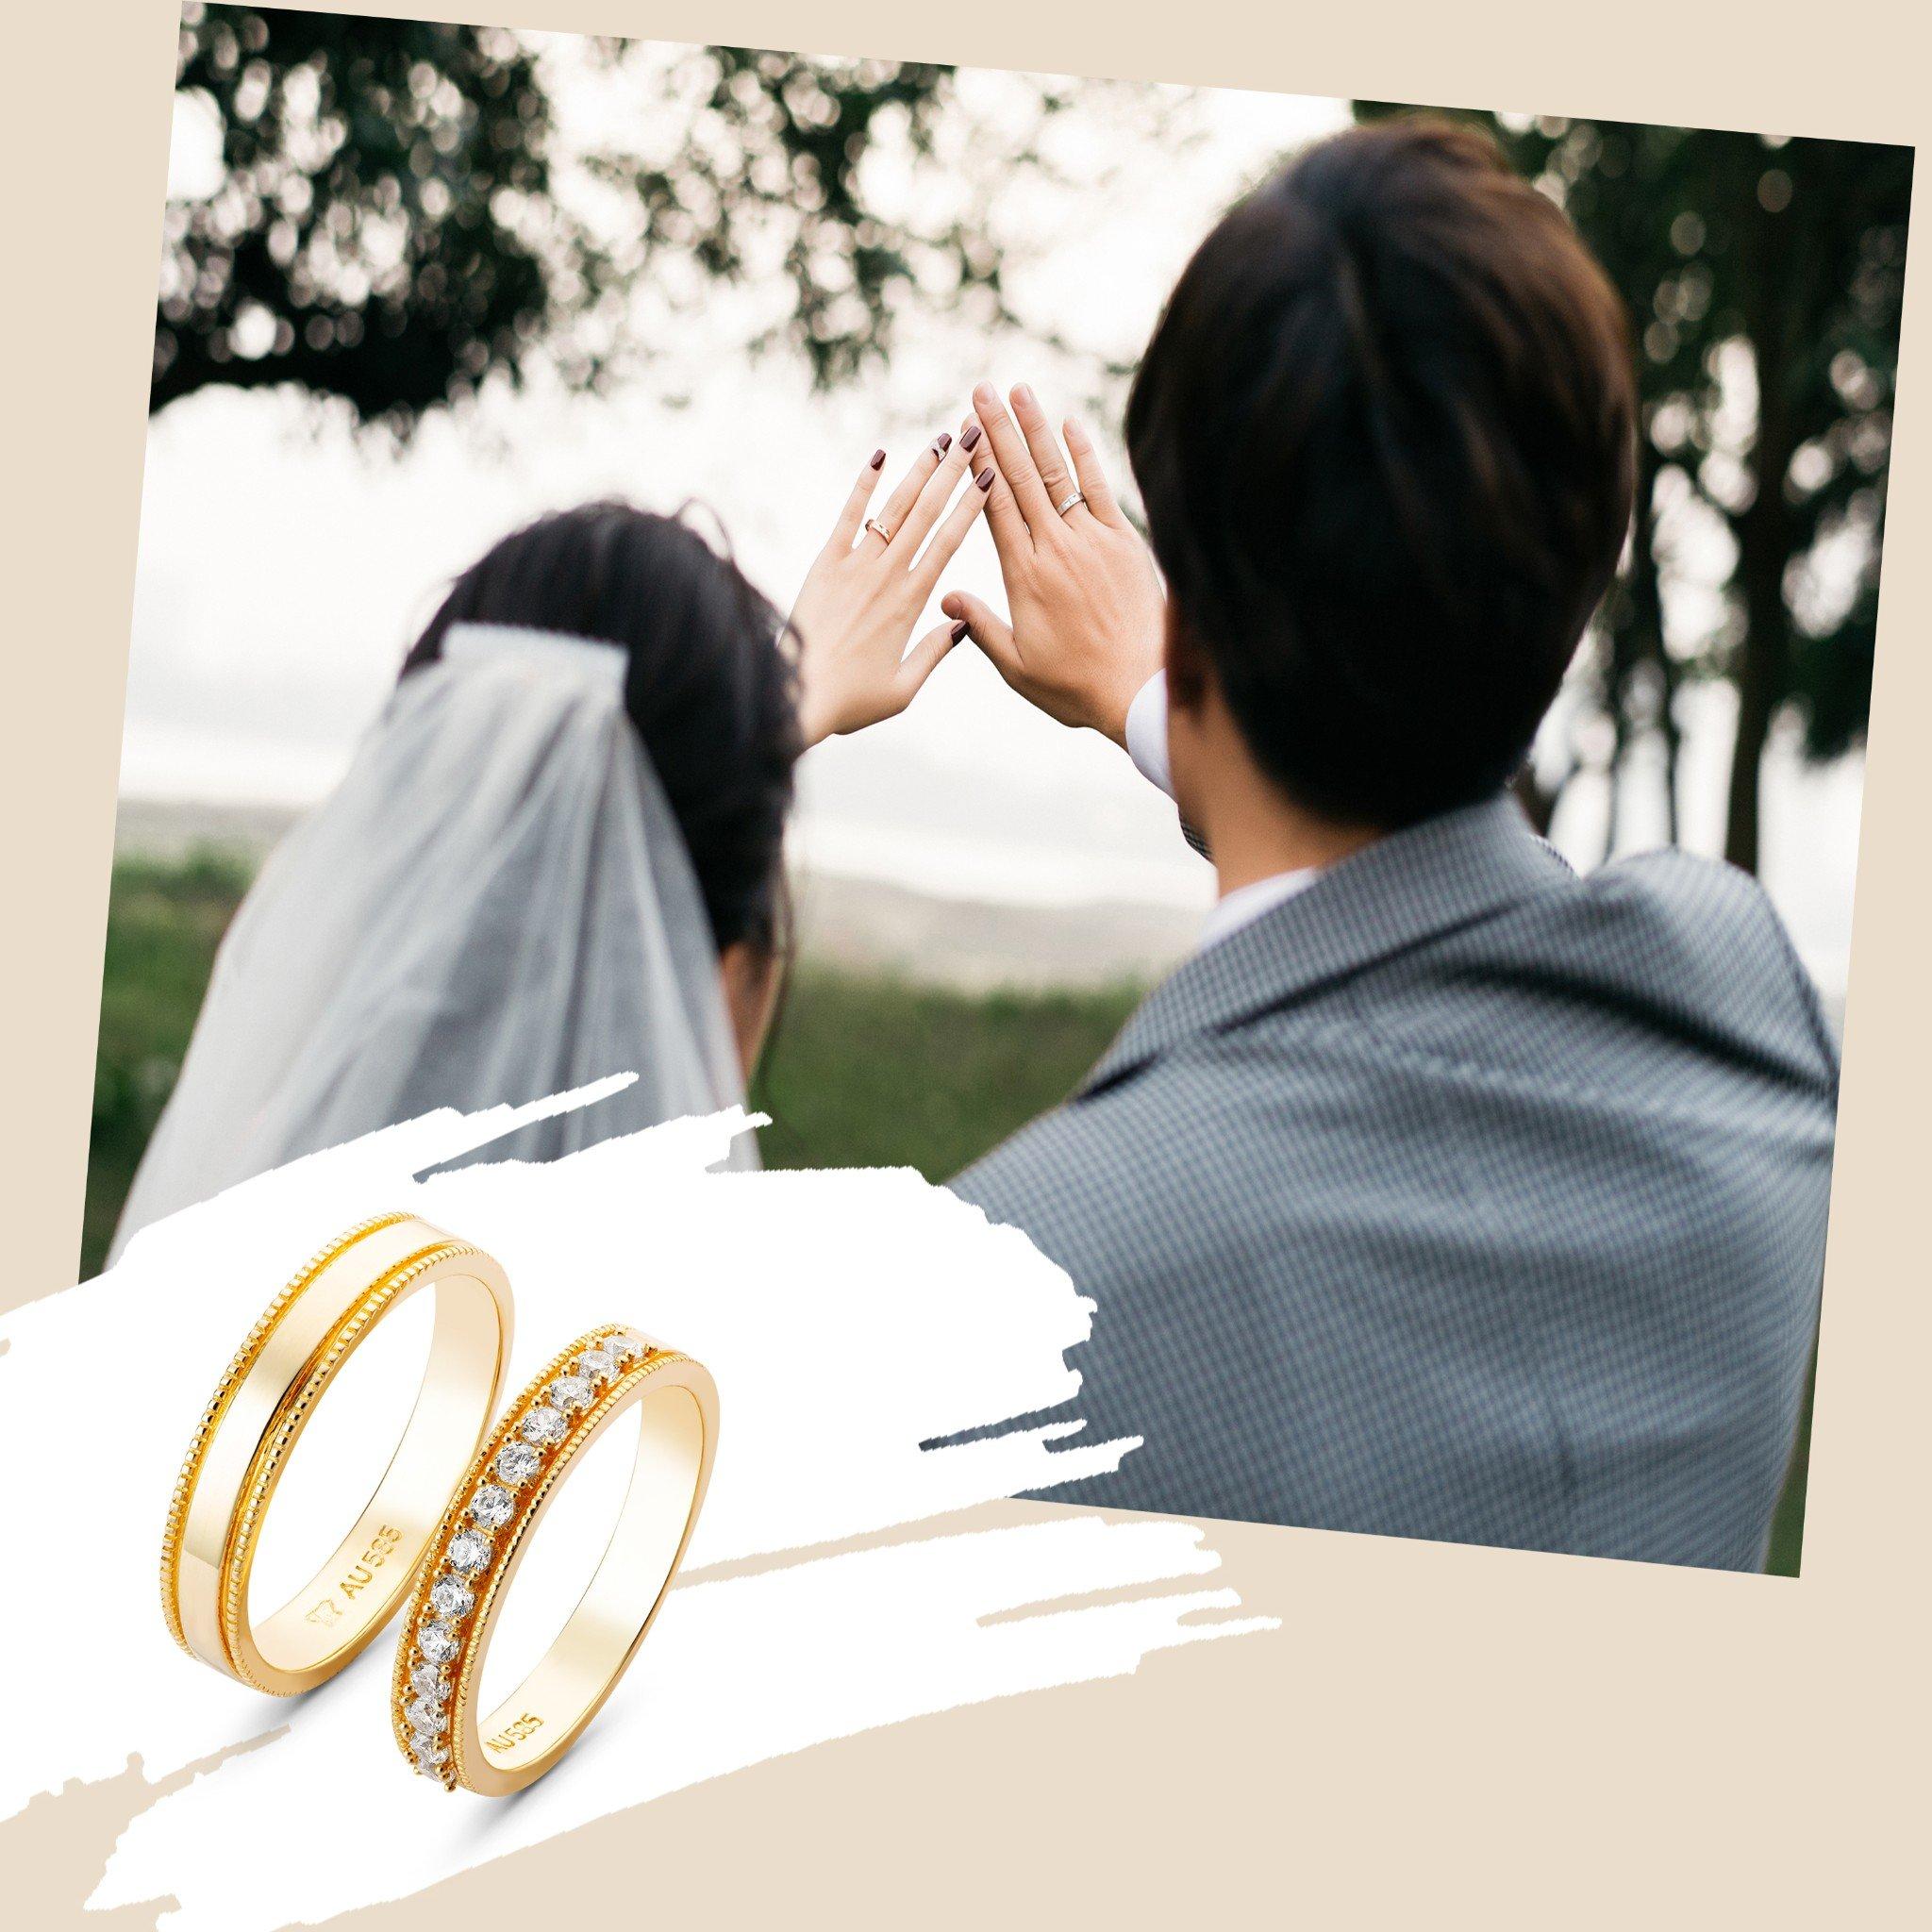 những điều cấm kỵ trong ngày cưới